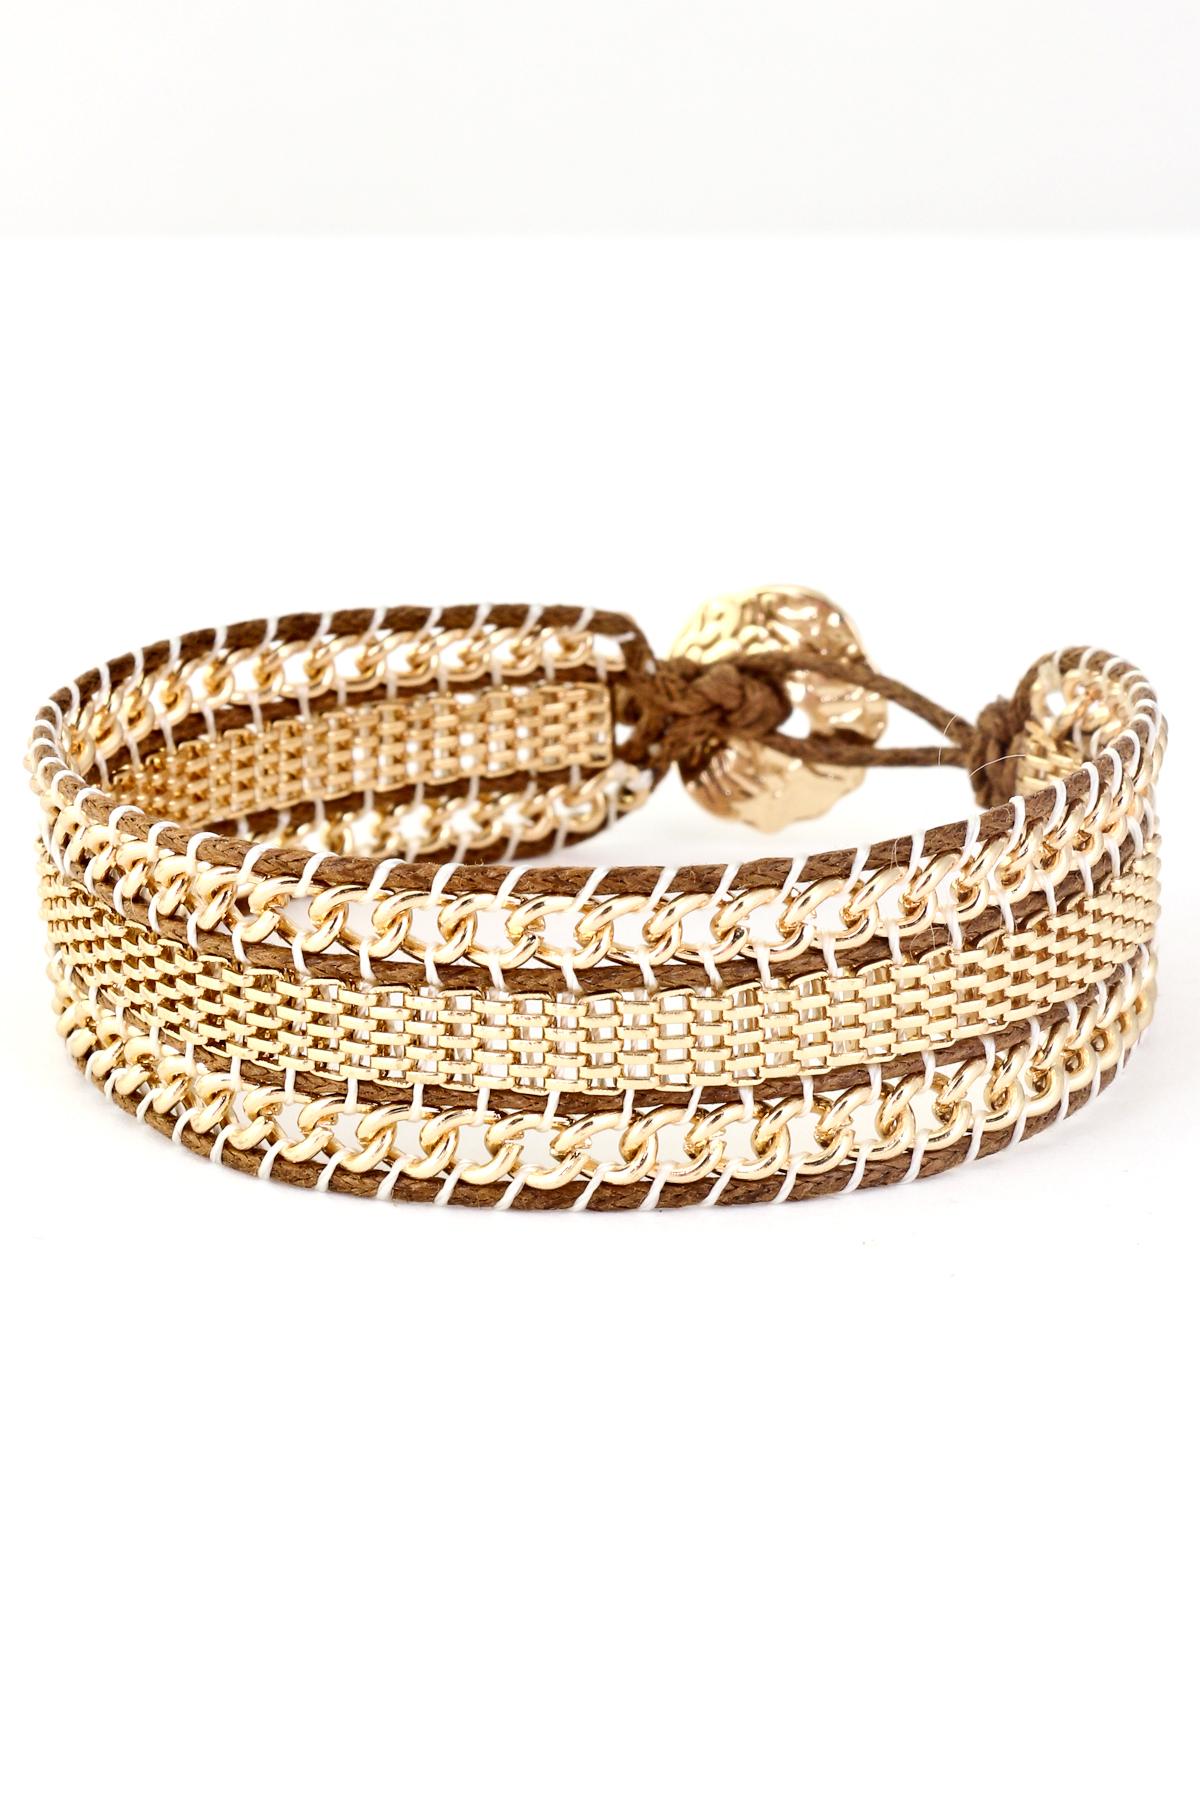 Threaded chain link bracelet bracelets